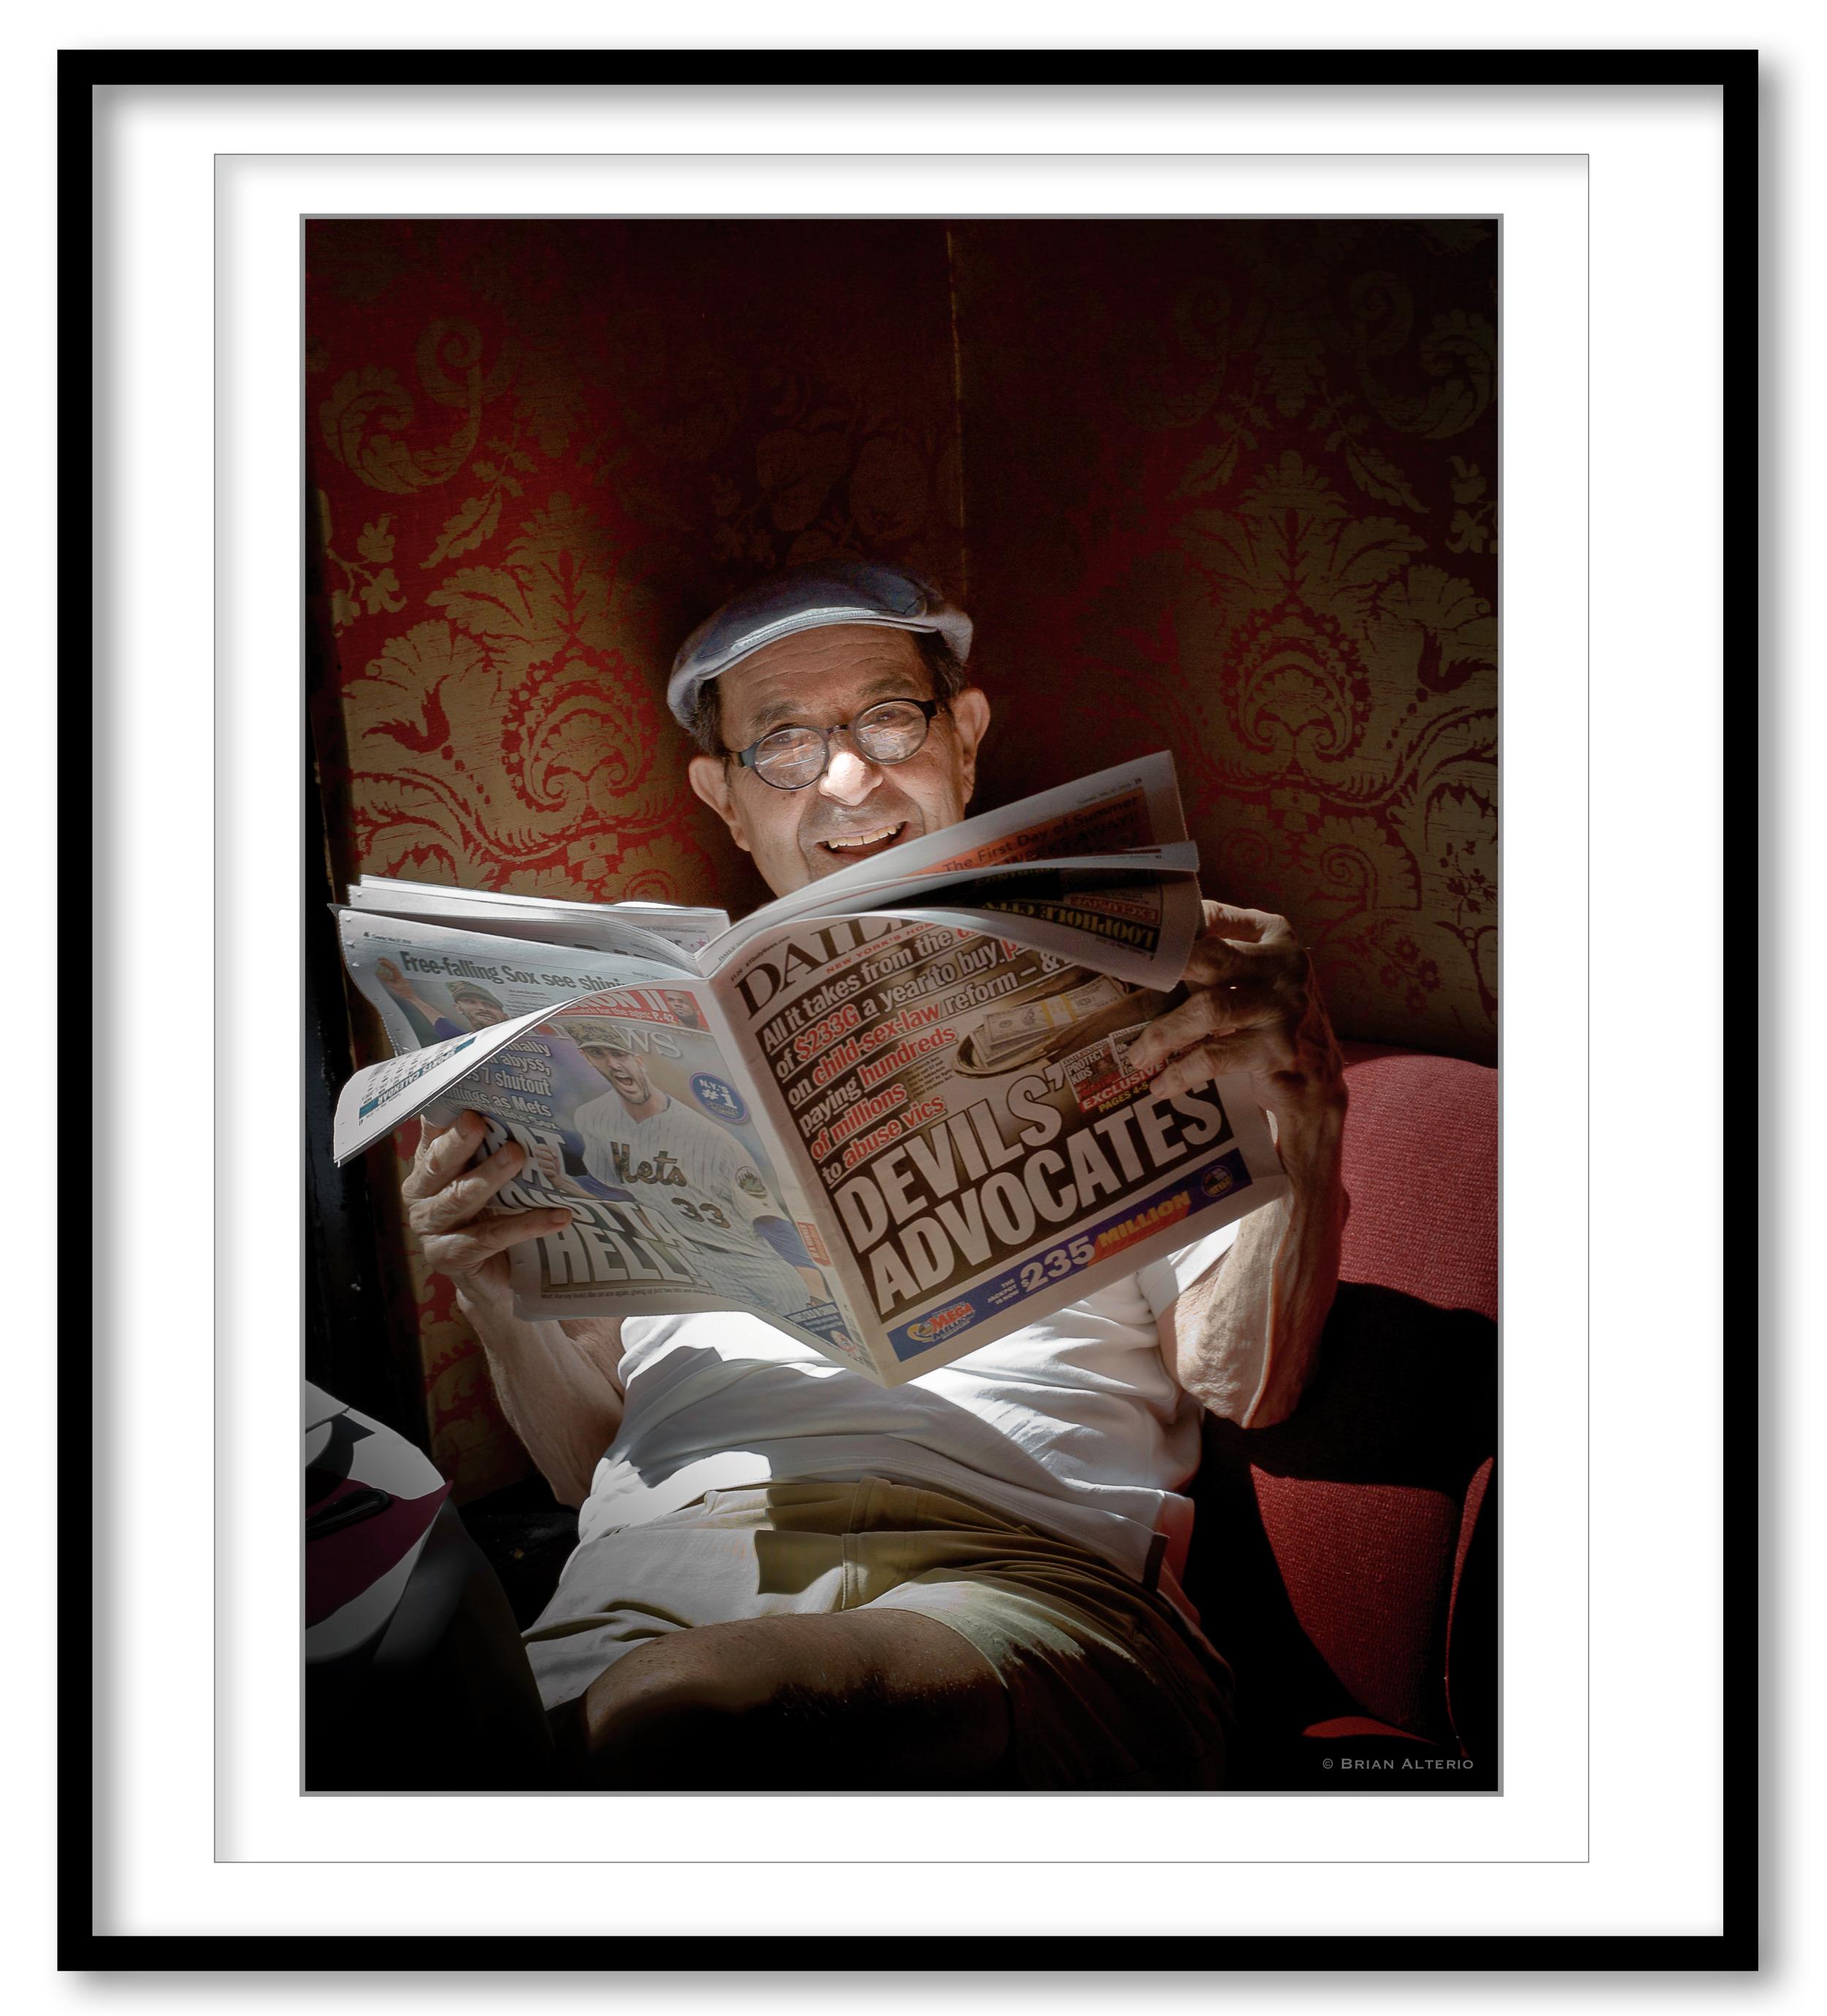 Elderly Advocate  #3- 6.31.16 - Framed.jpg